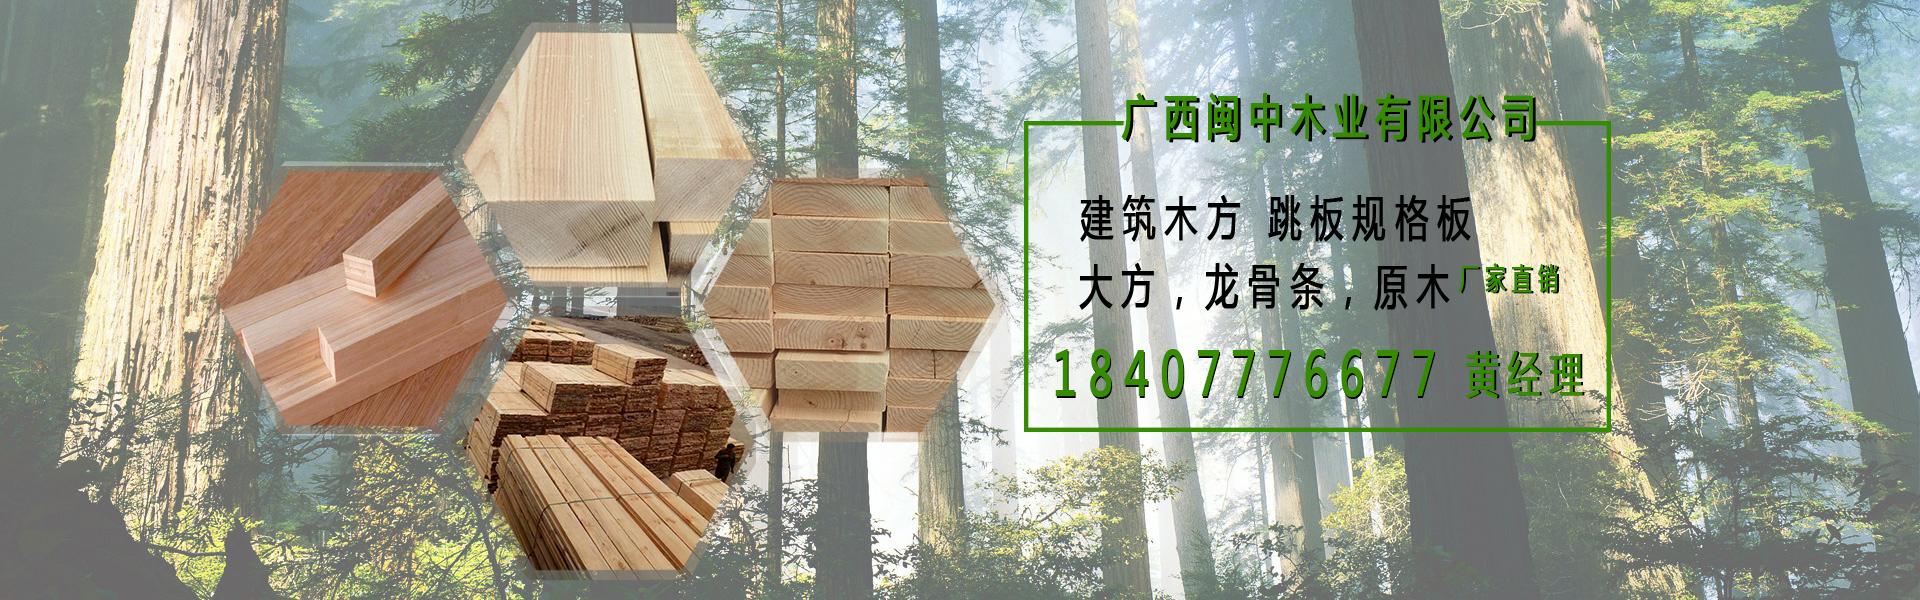 广西闽中木业有限公司